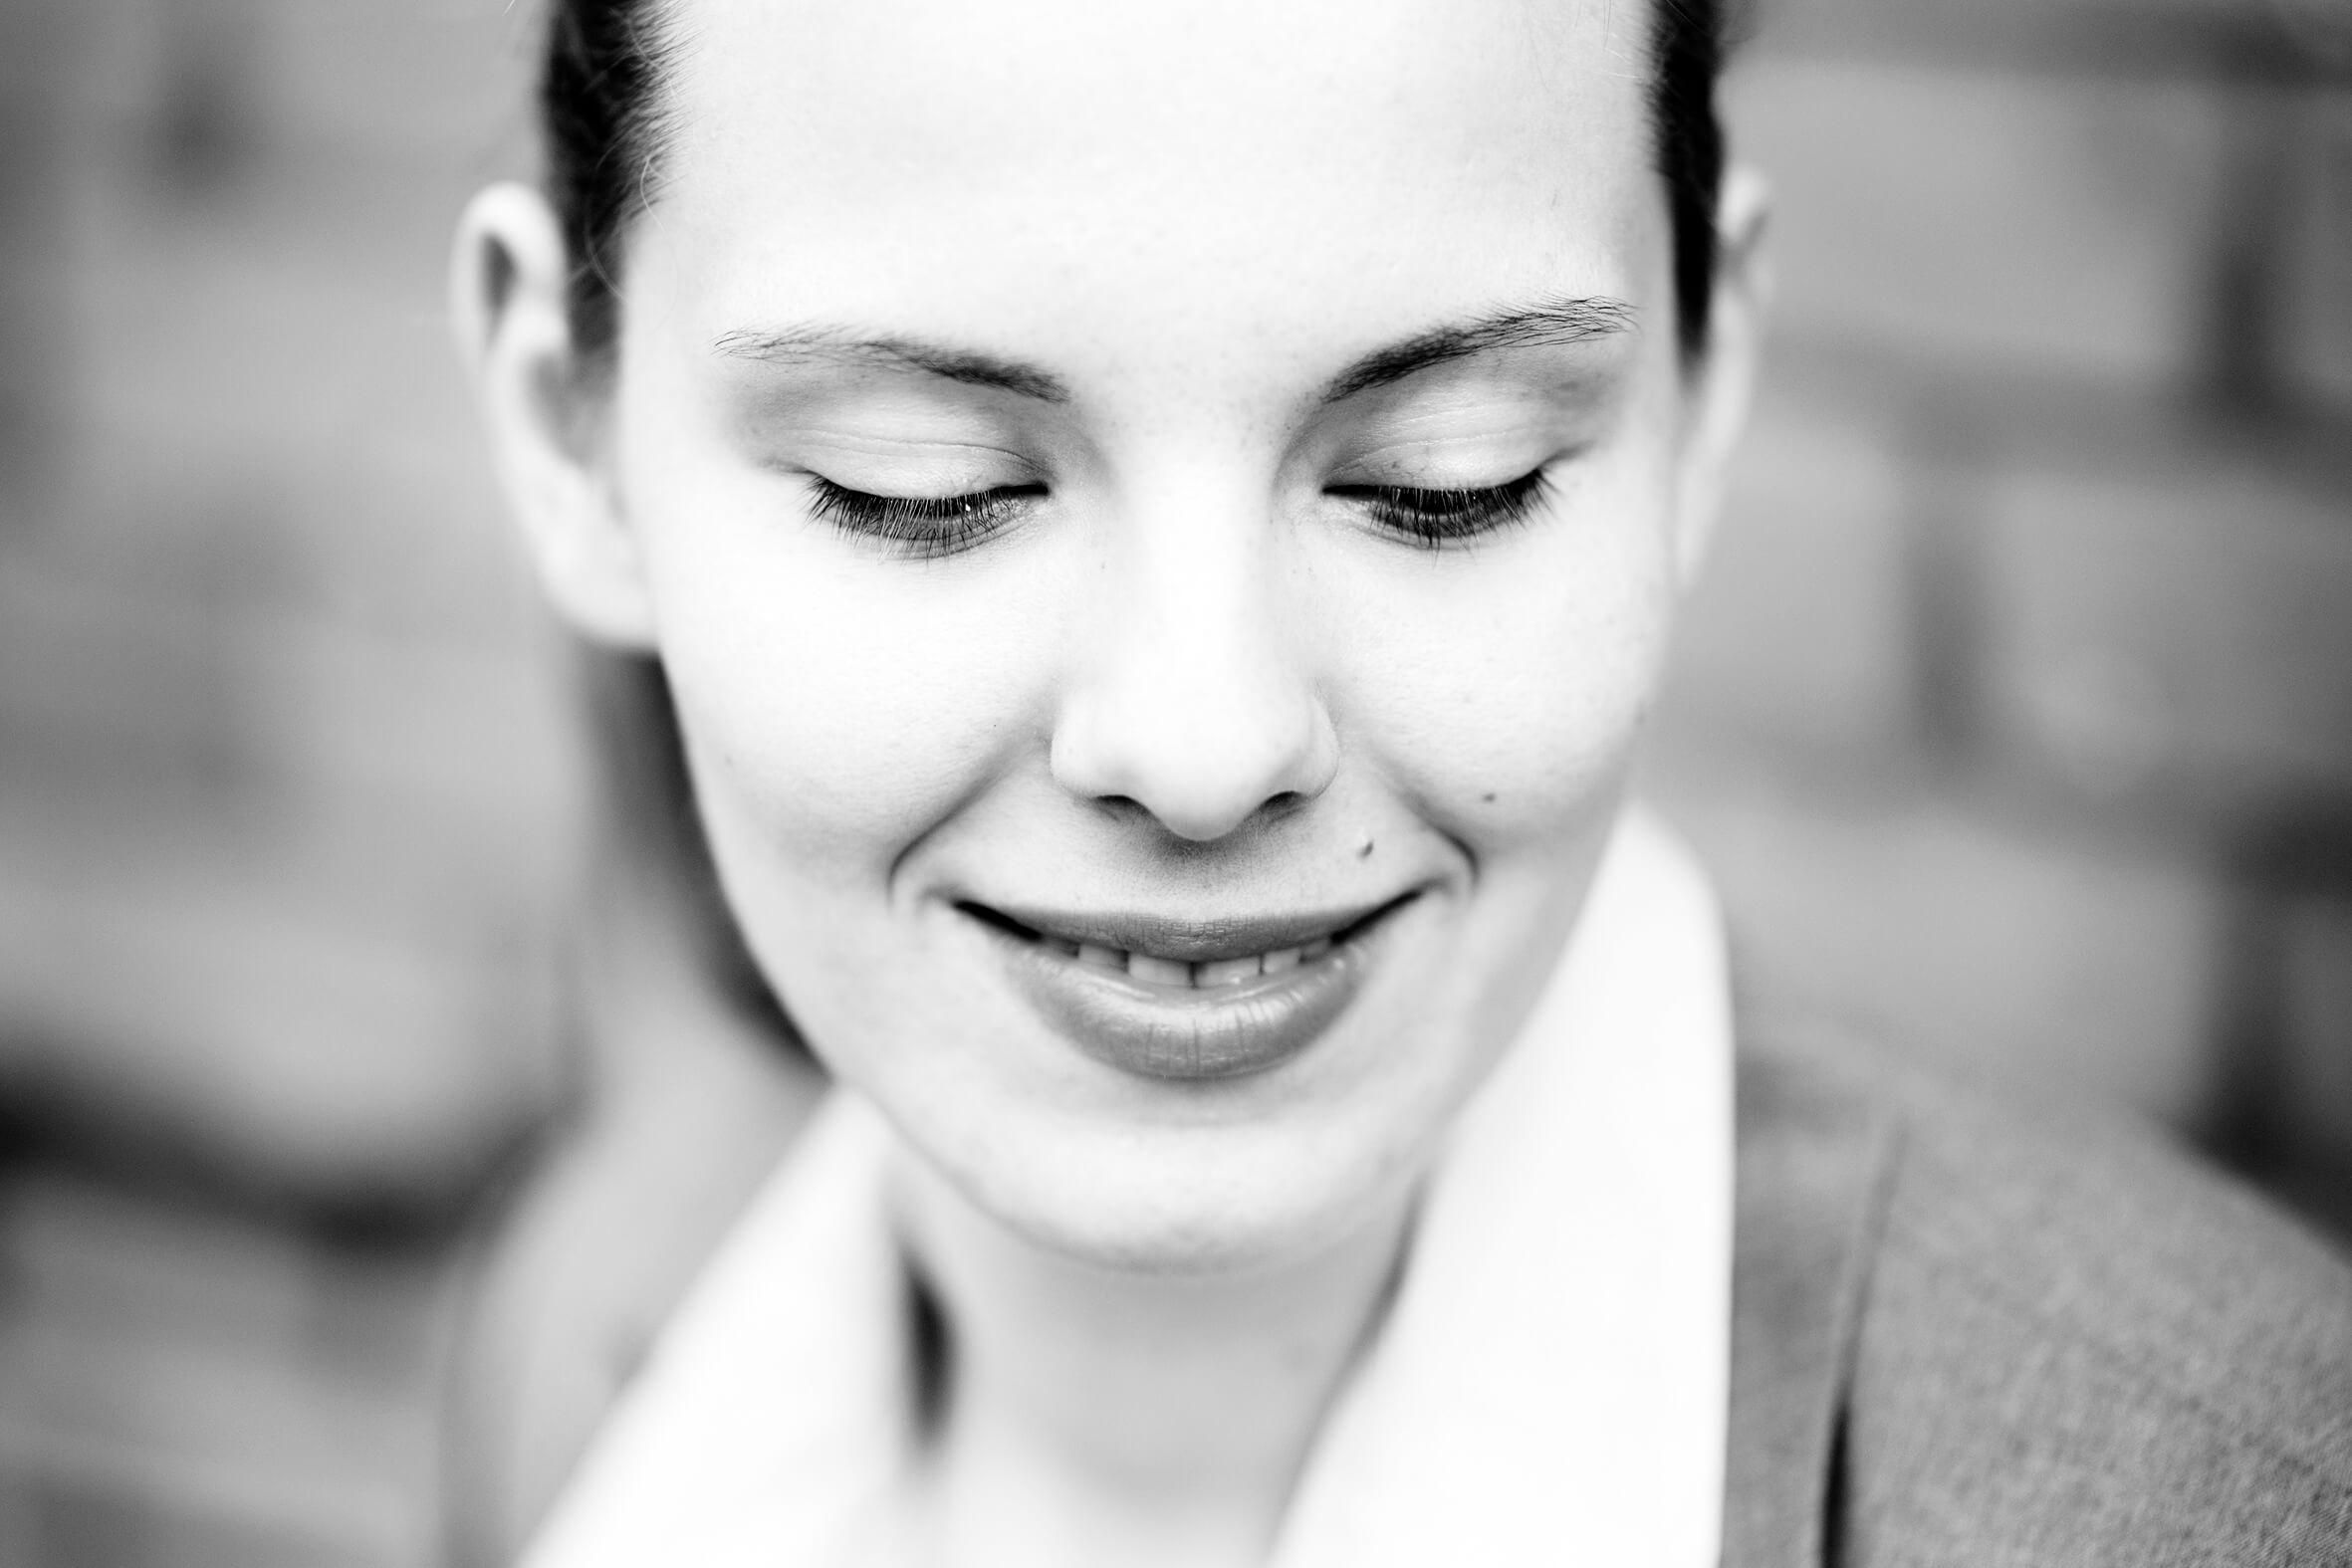 Portrait, schwarz weiß, Mädchen, sinnlich, Augen zu, lächeln, glücklich